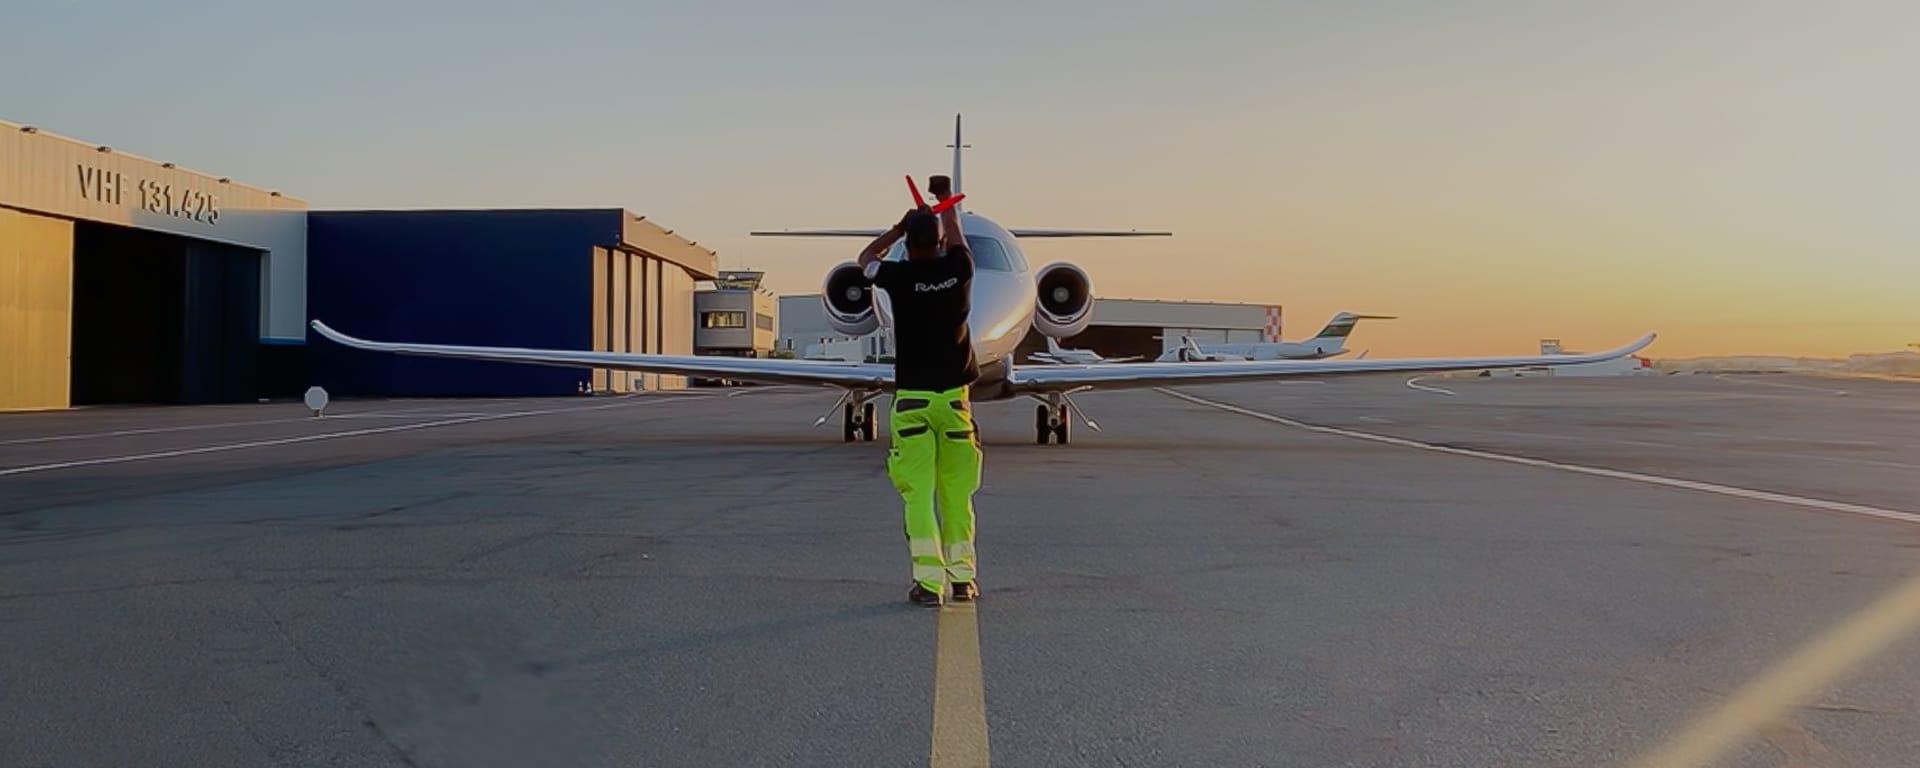 Offre d'emploi au sein du terminal Astonsky : agent de piste ou responsable piste